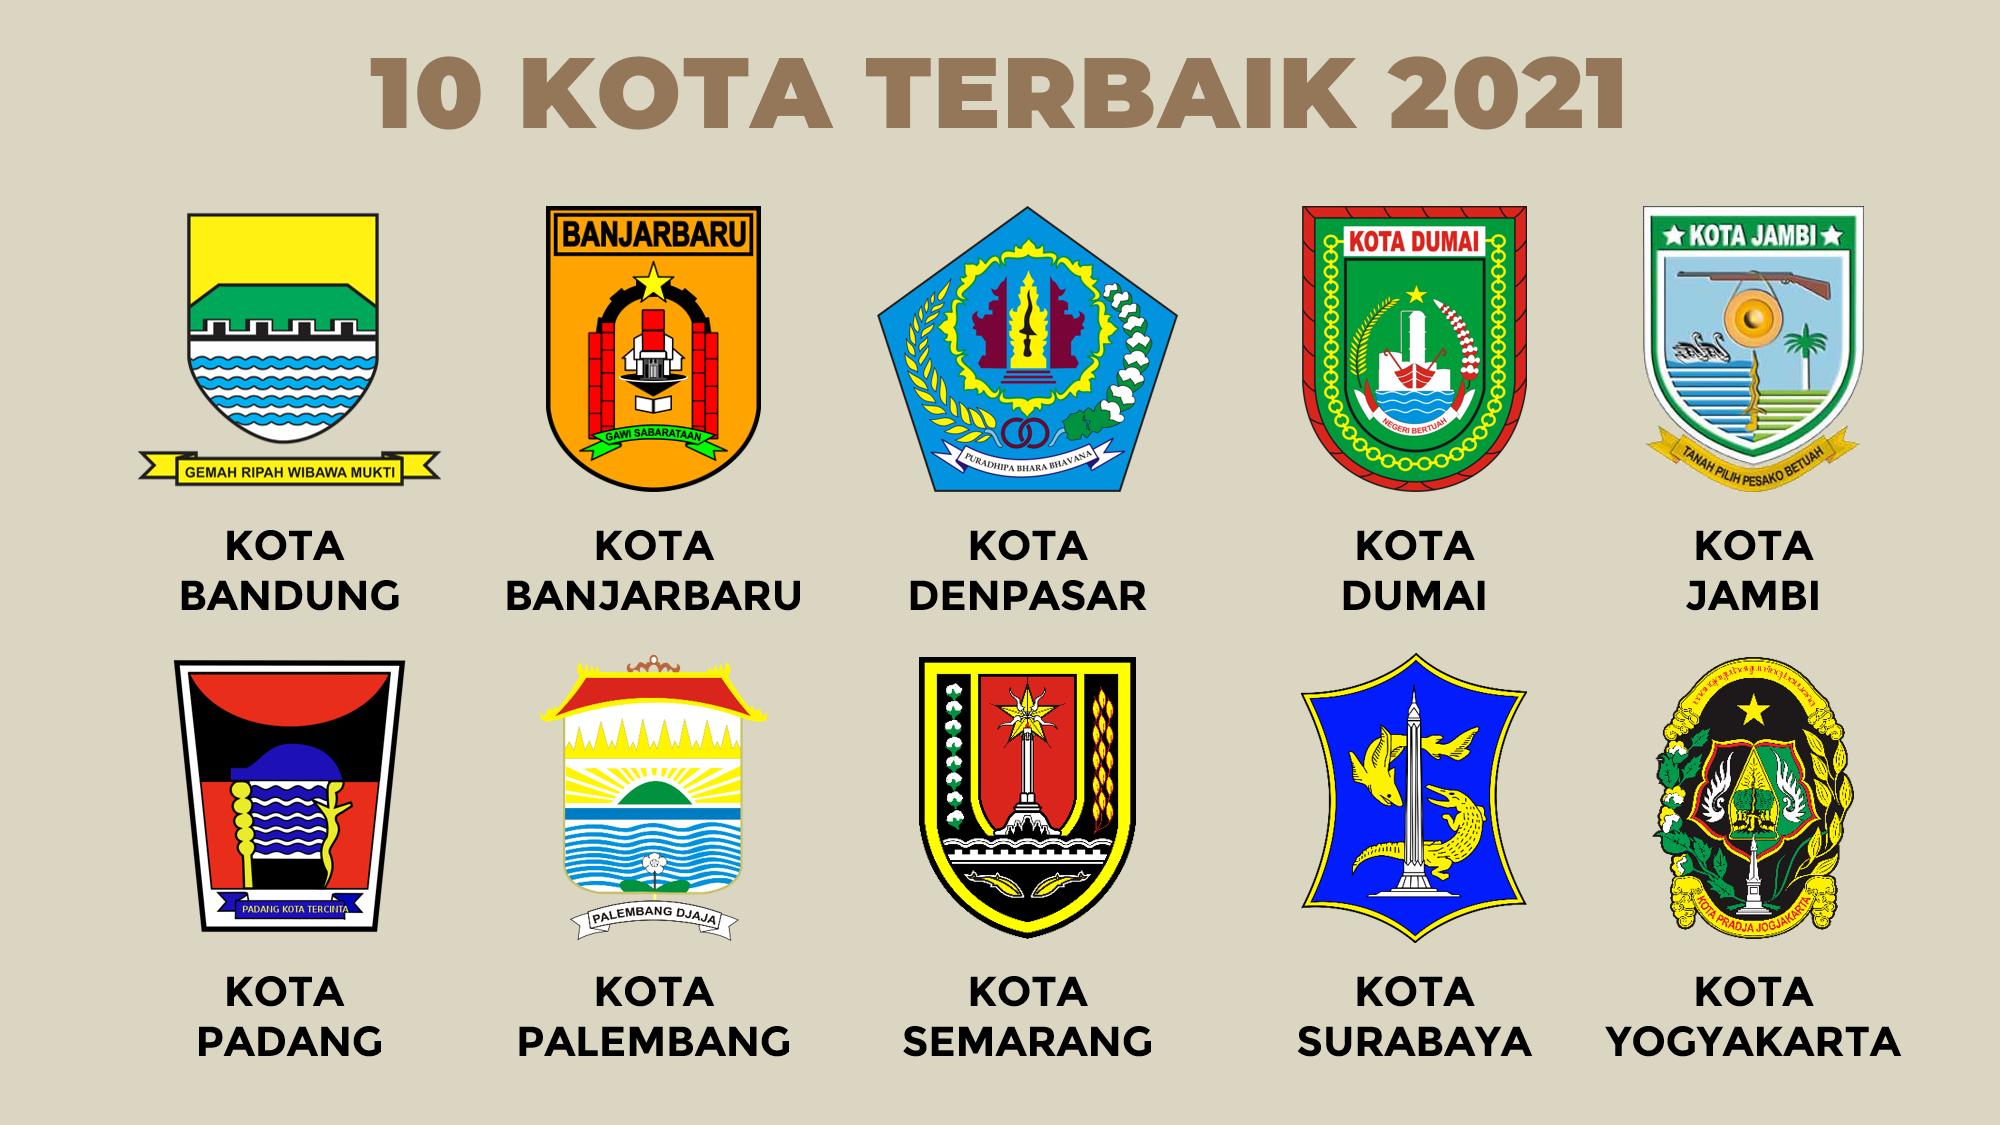 Banjarbaru, 10 Kota Terbaik Indonesia